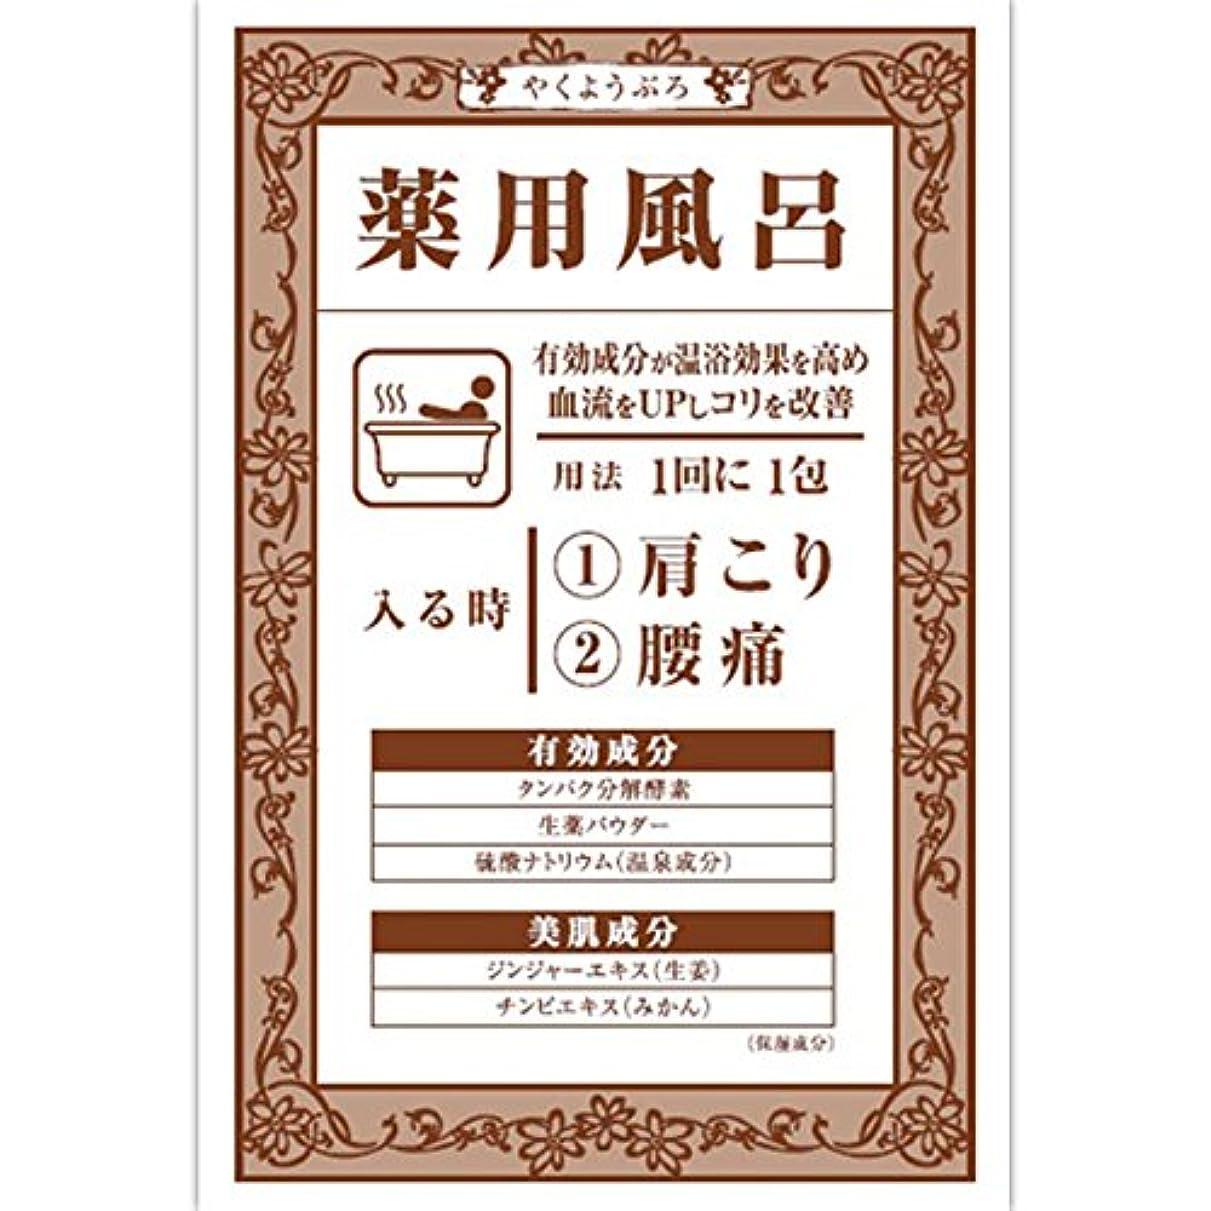 手配するトンネル自然大山 薬用風呂KKa(肩こり?腰痛) 40G(医薬部外品)